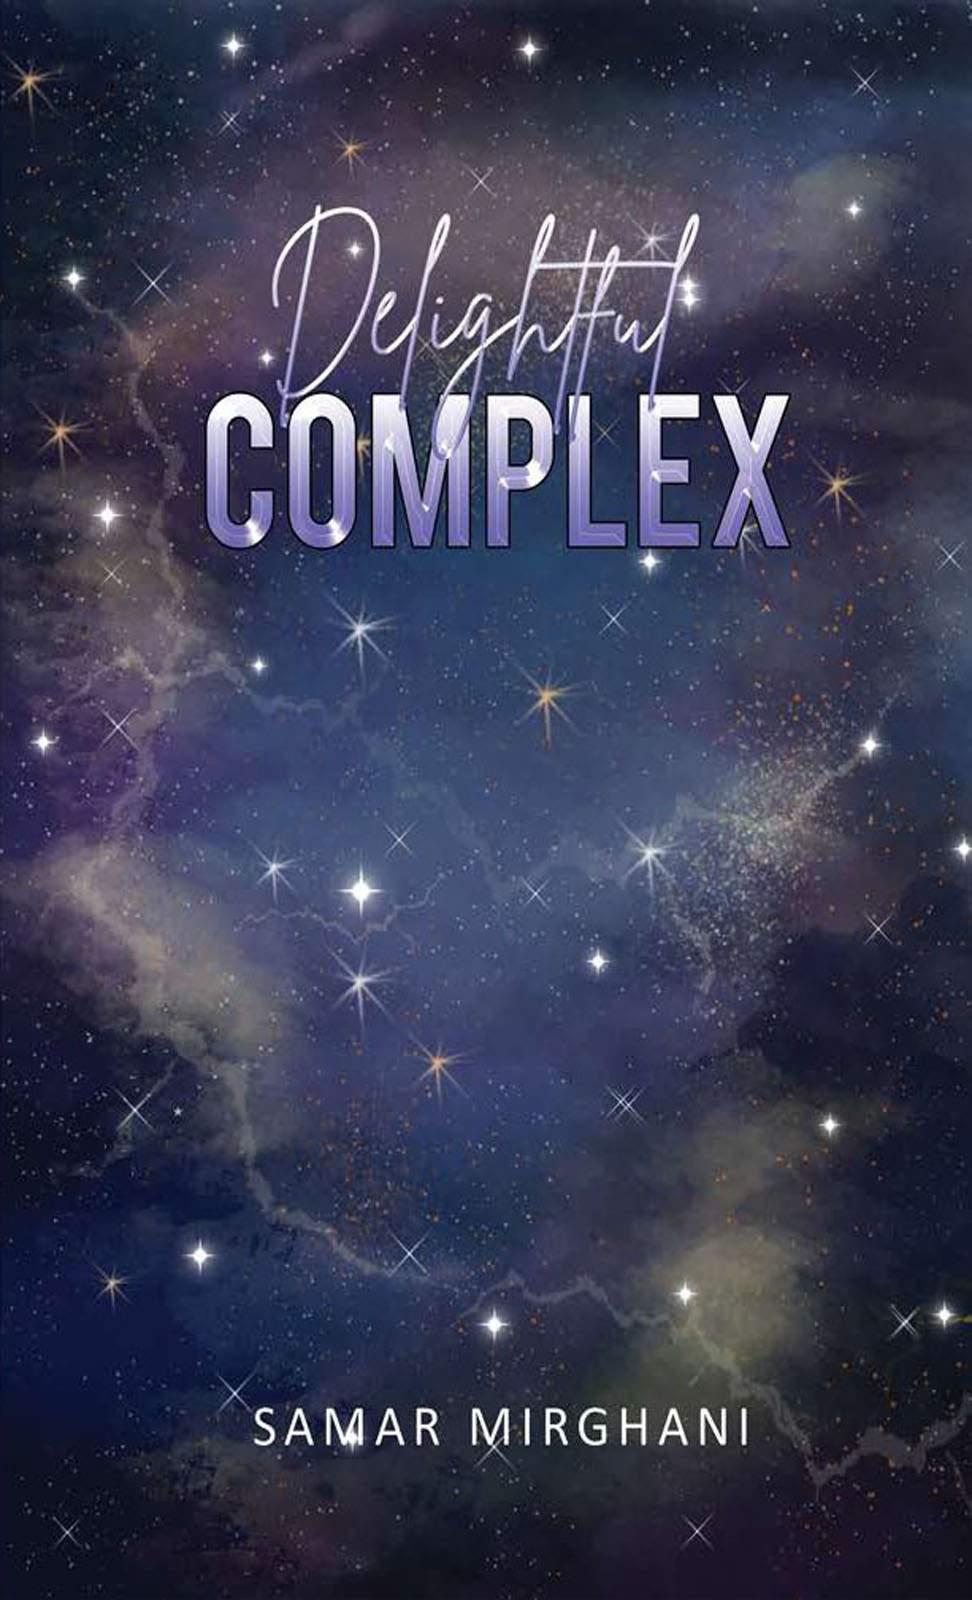 Delightful Complex